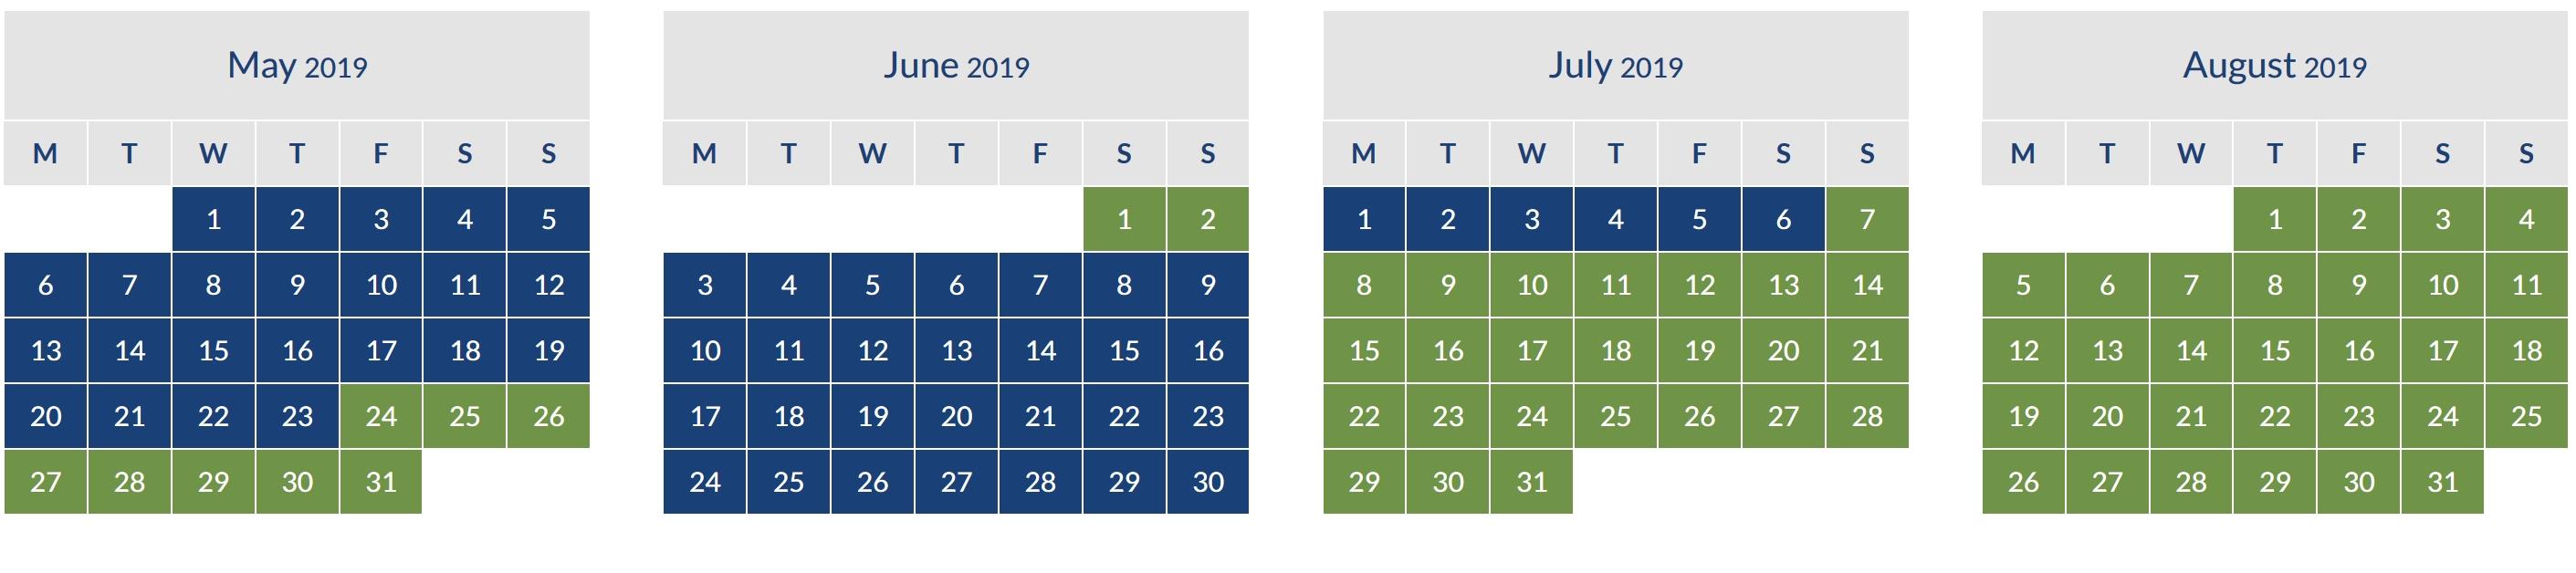 ba avios off peak calendar 2019